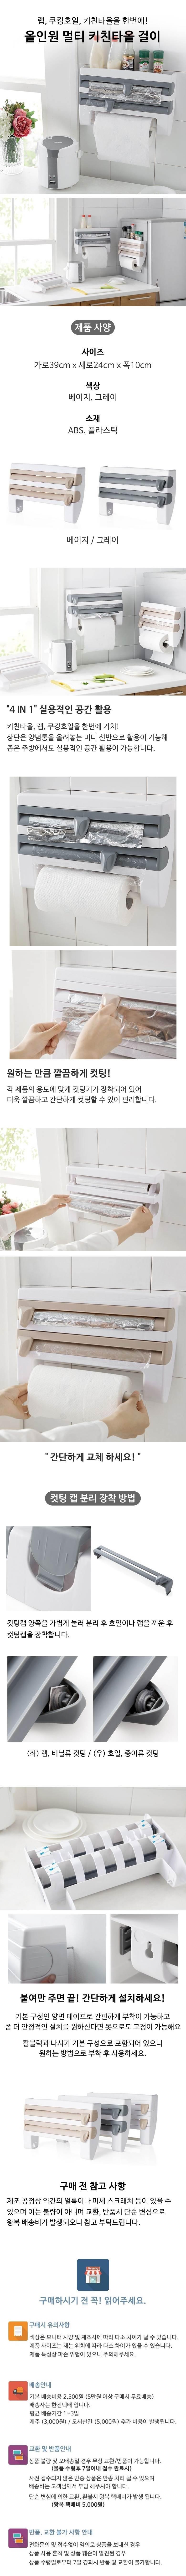 주방 키친타올 걸이 정리선반 - 로맨스바스켓, 13,200원, 주방정리용품, 키친타올걸이